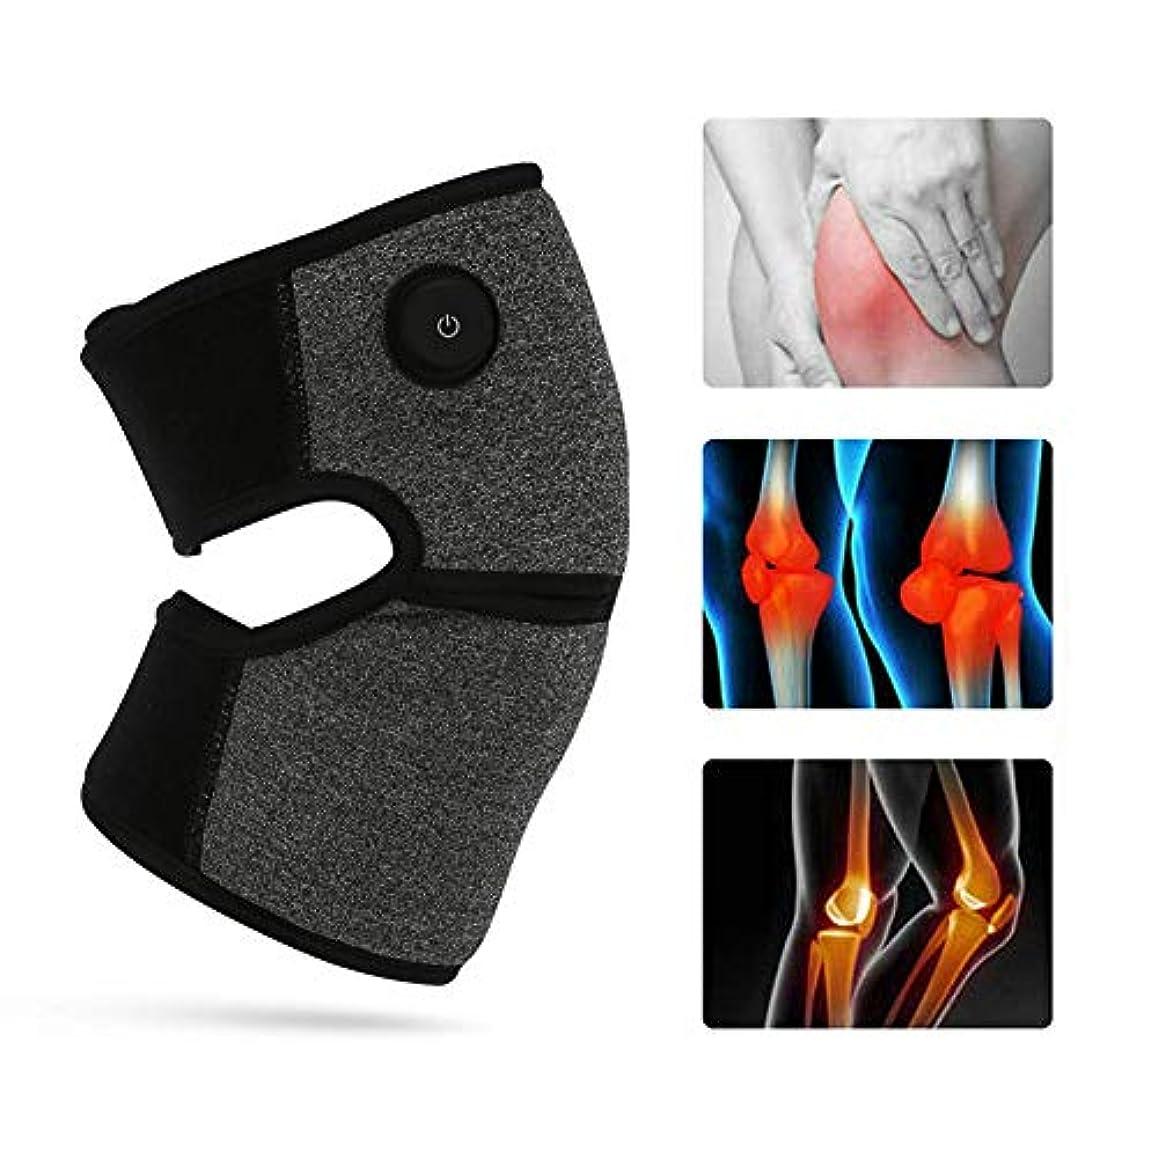 目的きらきら苦行膝関節炎のための3ファイル温度加熱膝装具療法ホット圧縮による電気加熱膝ラップサポート,2pcs